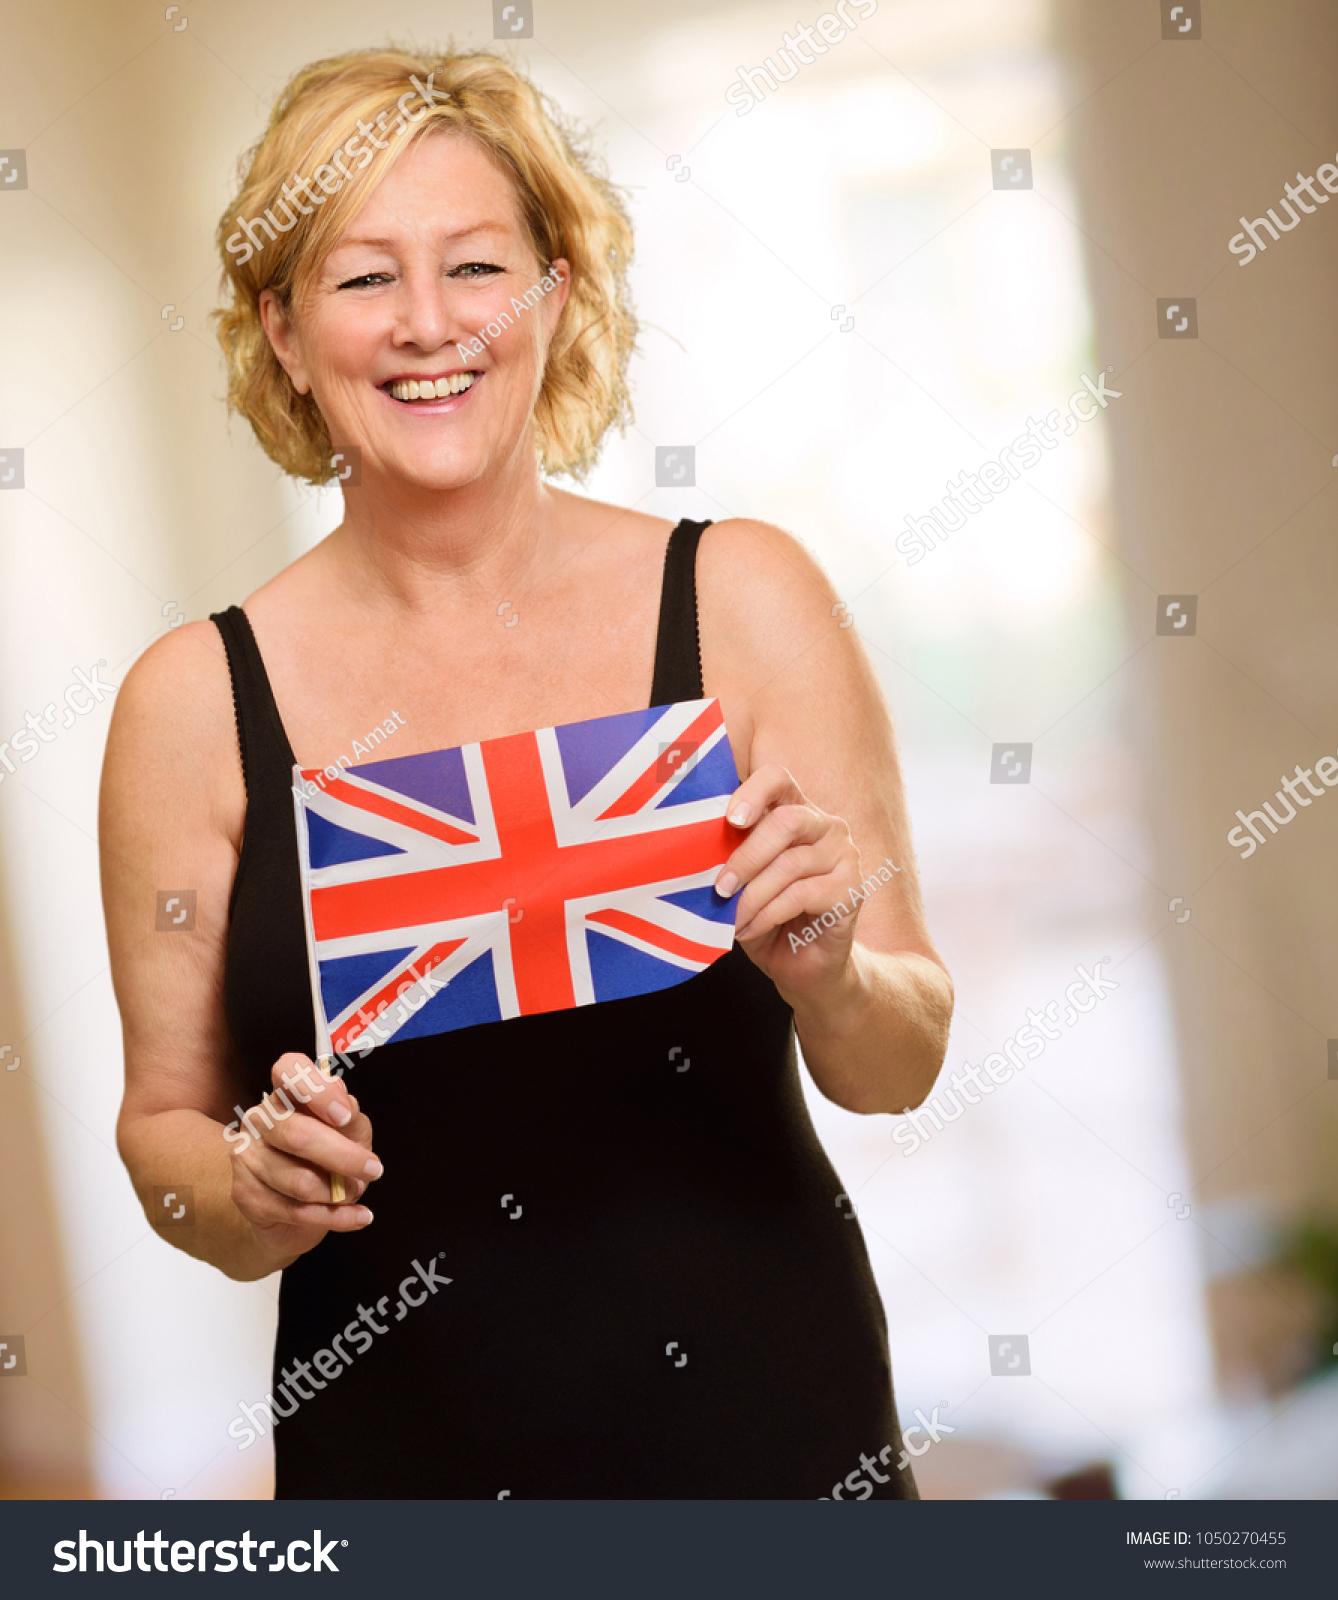 British mature photos